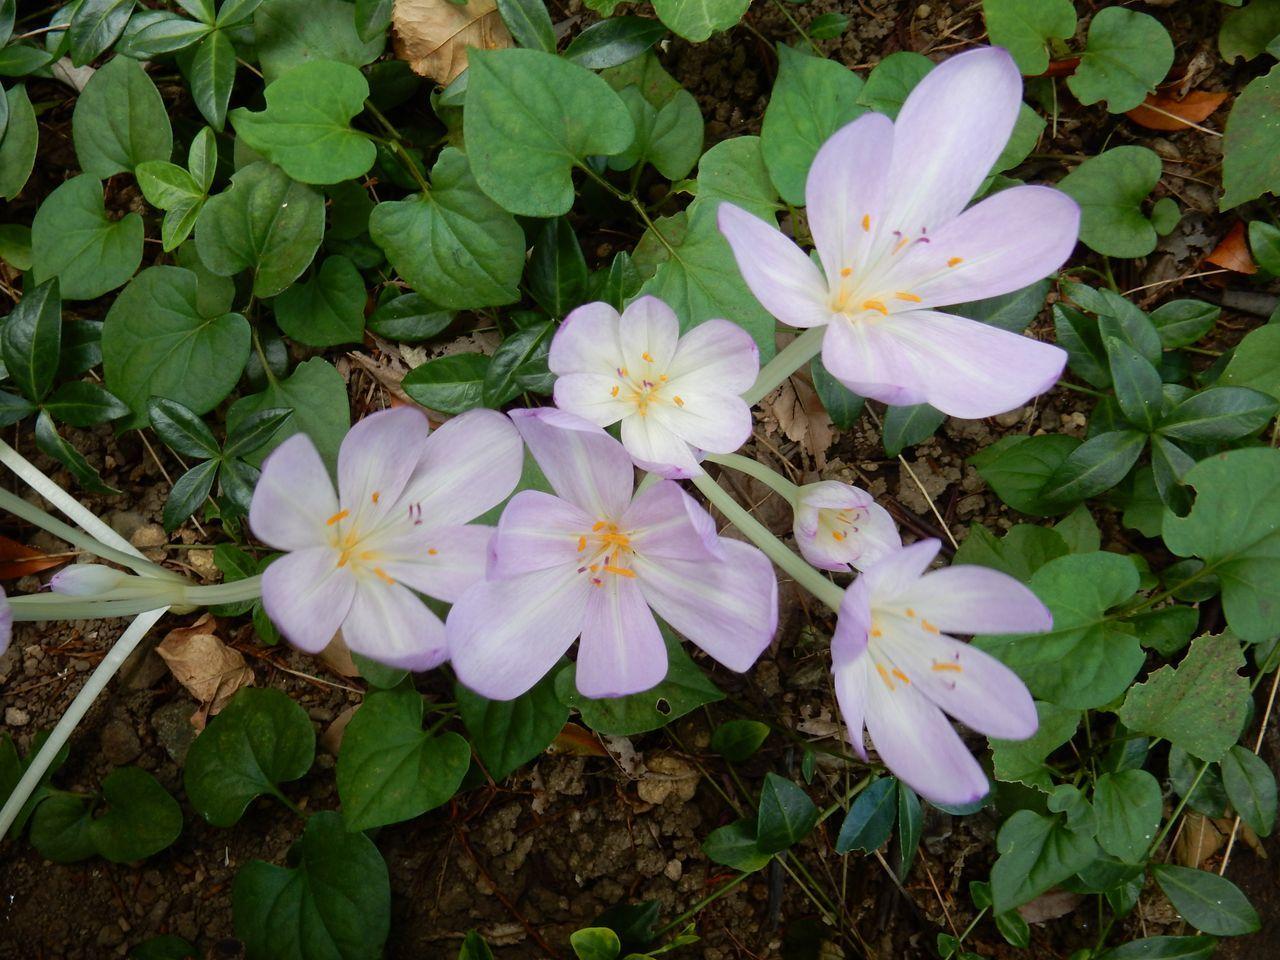 イヌサフランの咲く季節_c0025115_22462929.jpg